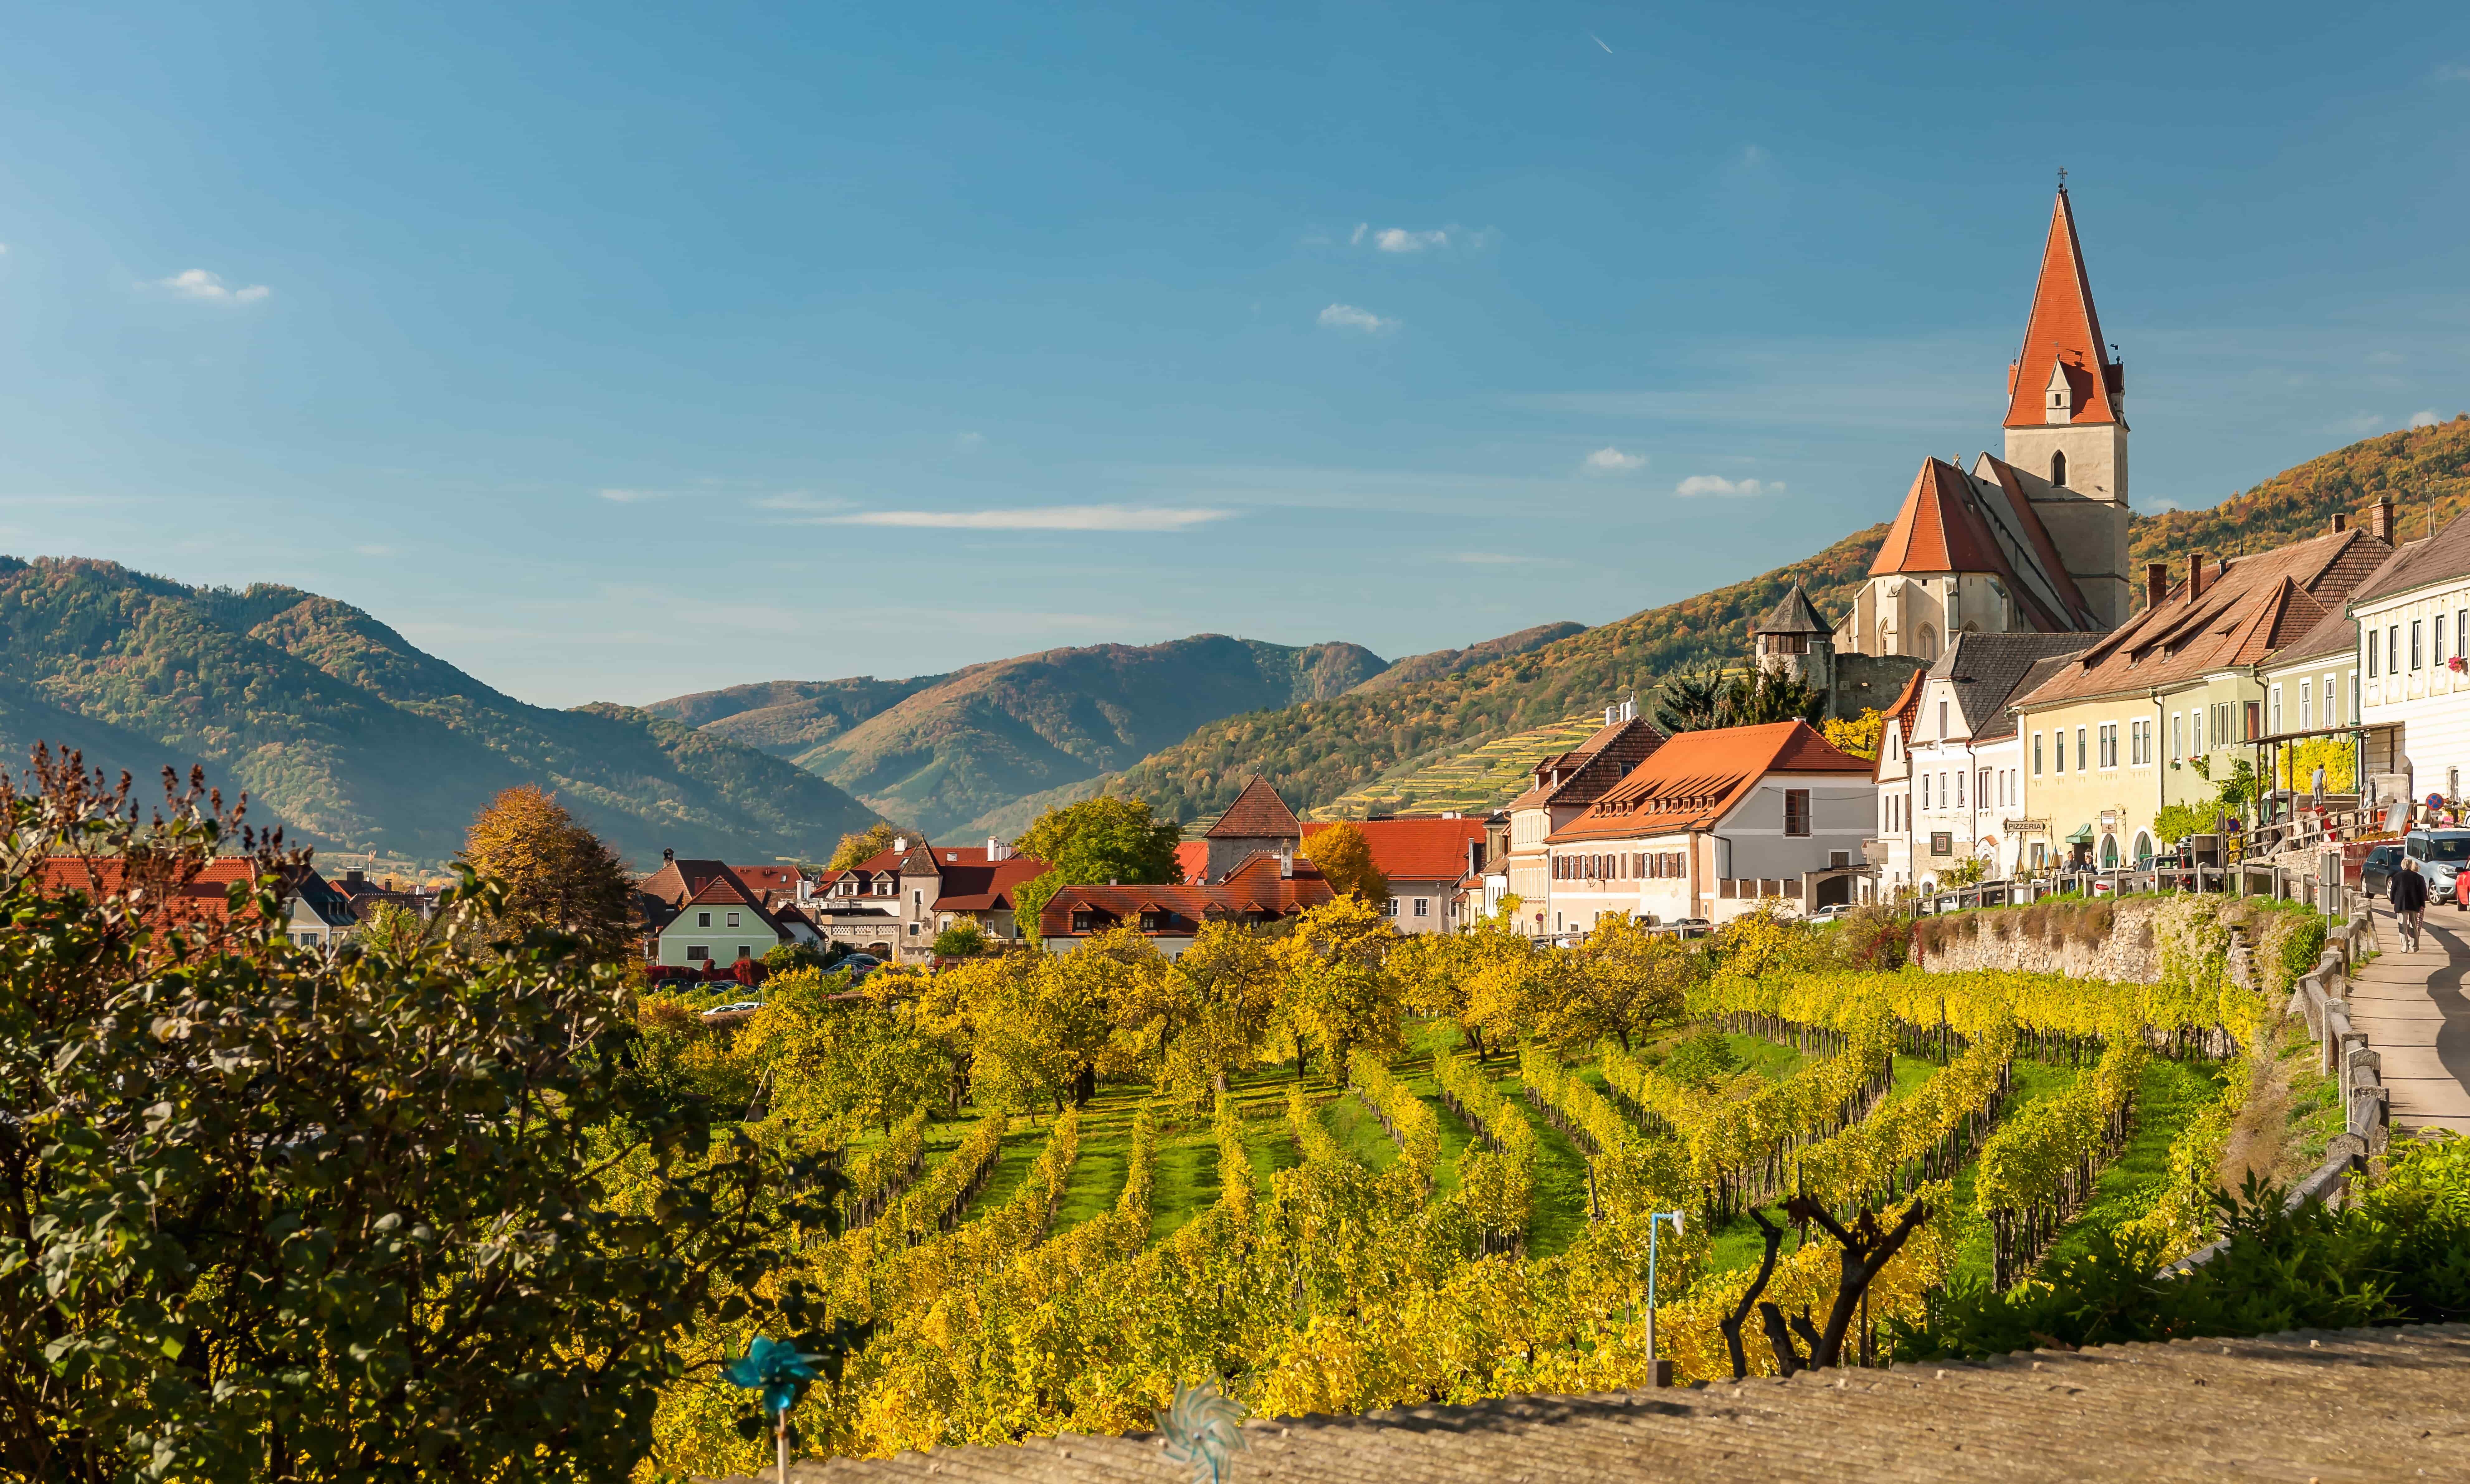 The town of Weissenkirchen in der Wachau in the Lower Austria region